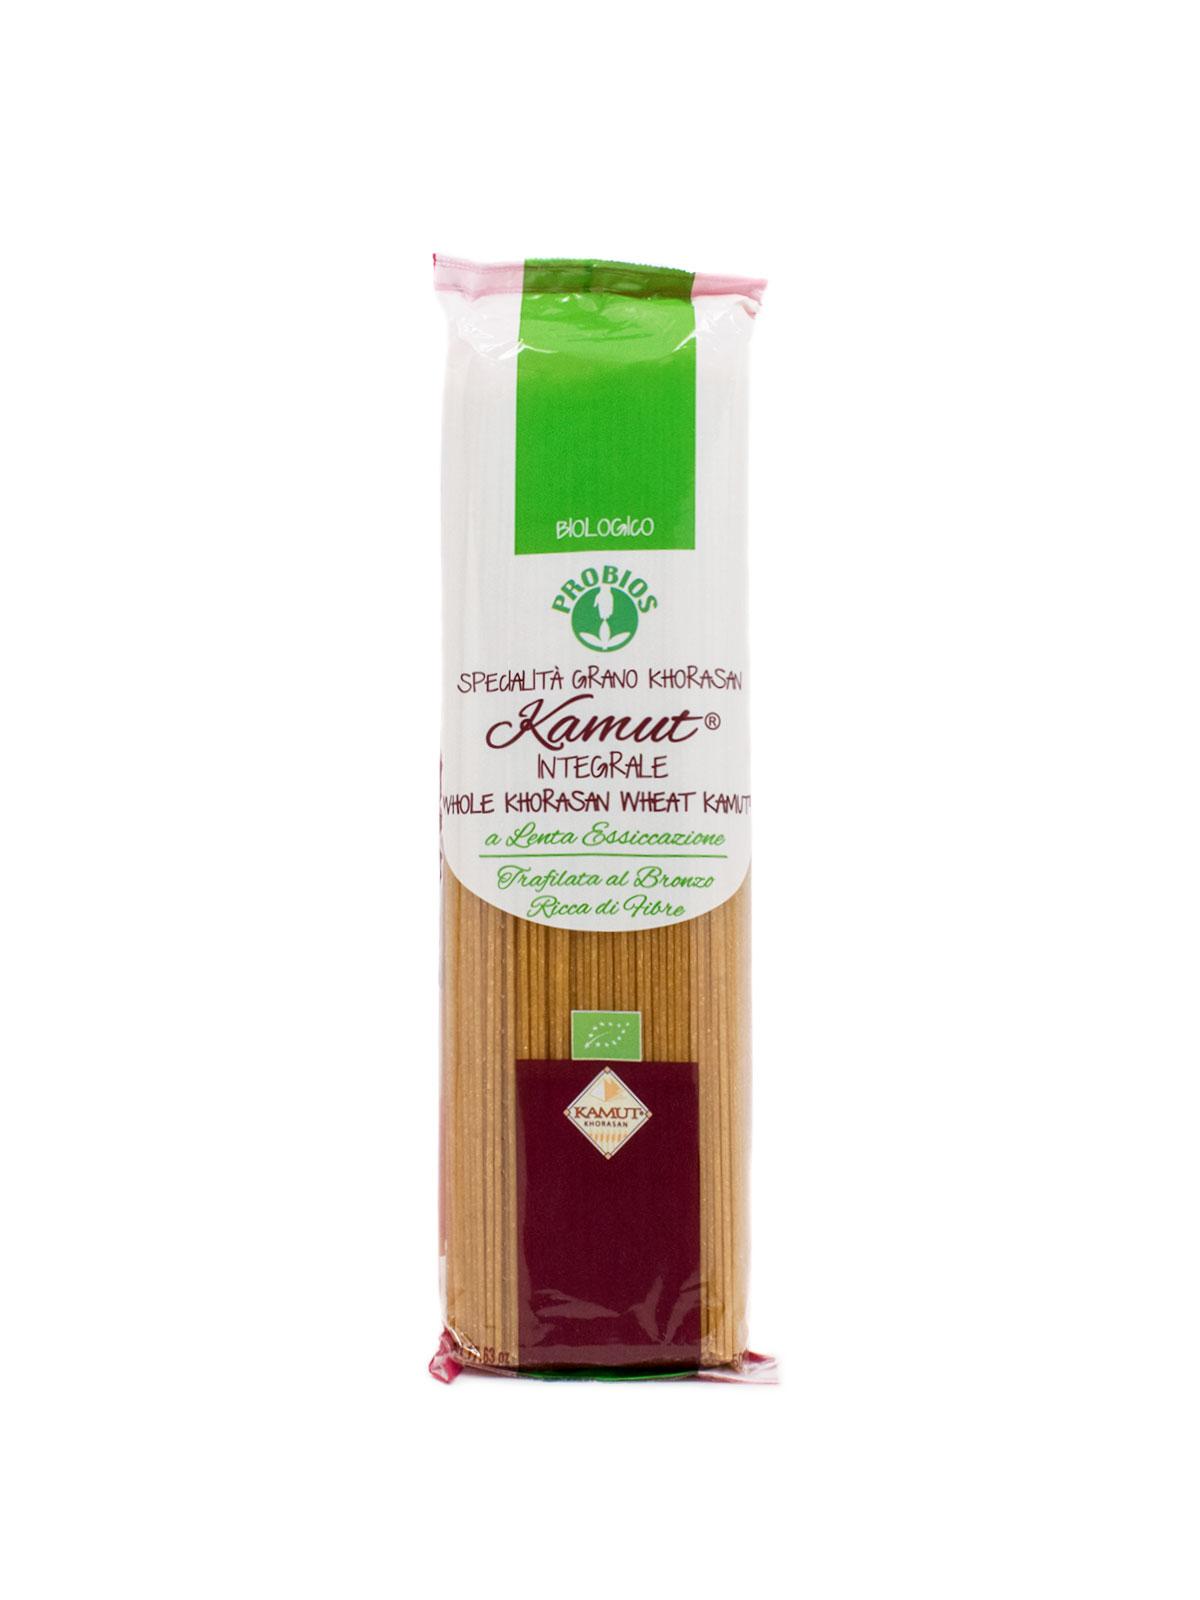 Whole Kamut Spaghetti- Pastas, Rice, and Grains - Buon'Italia